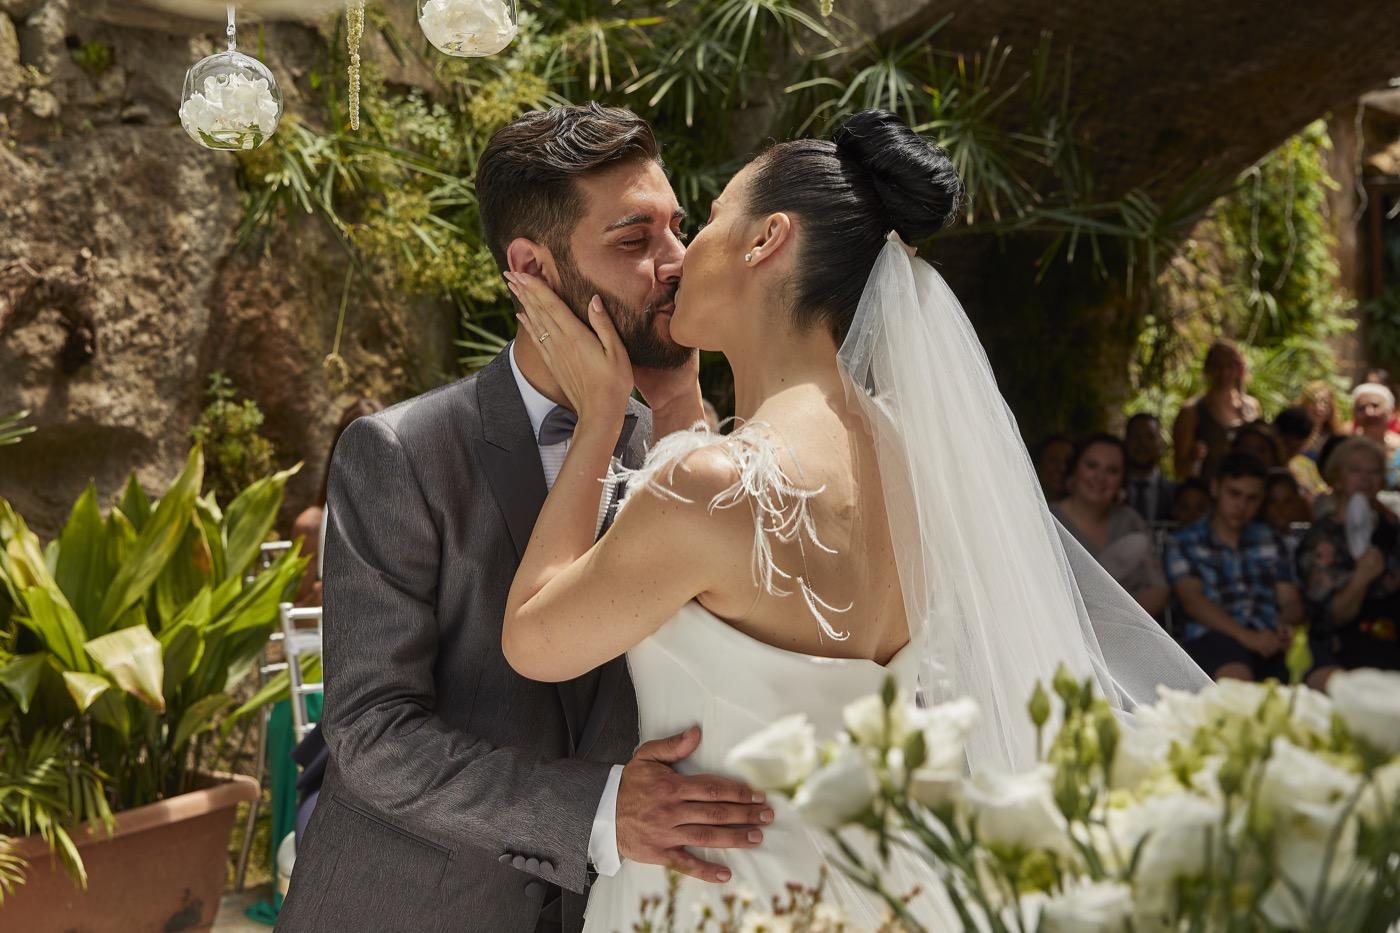 Claudio-Coppola-wedding-photographer-villa-del-cardinale-rocca-di-papa-castel-gandolfo-42